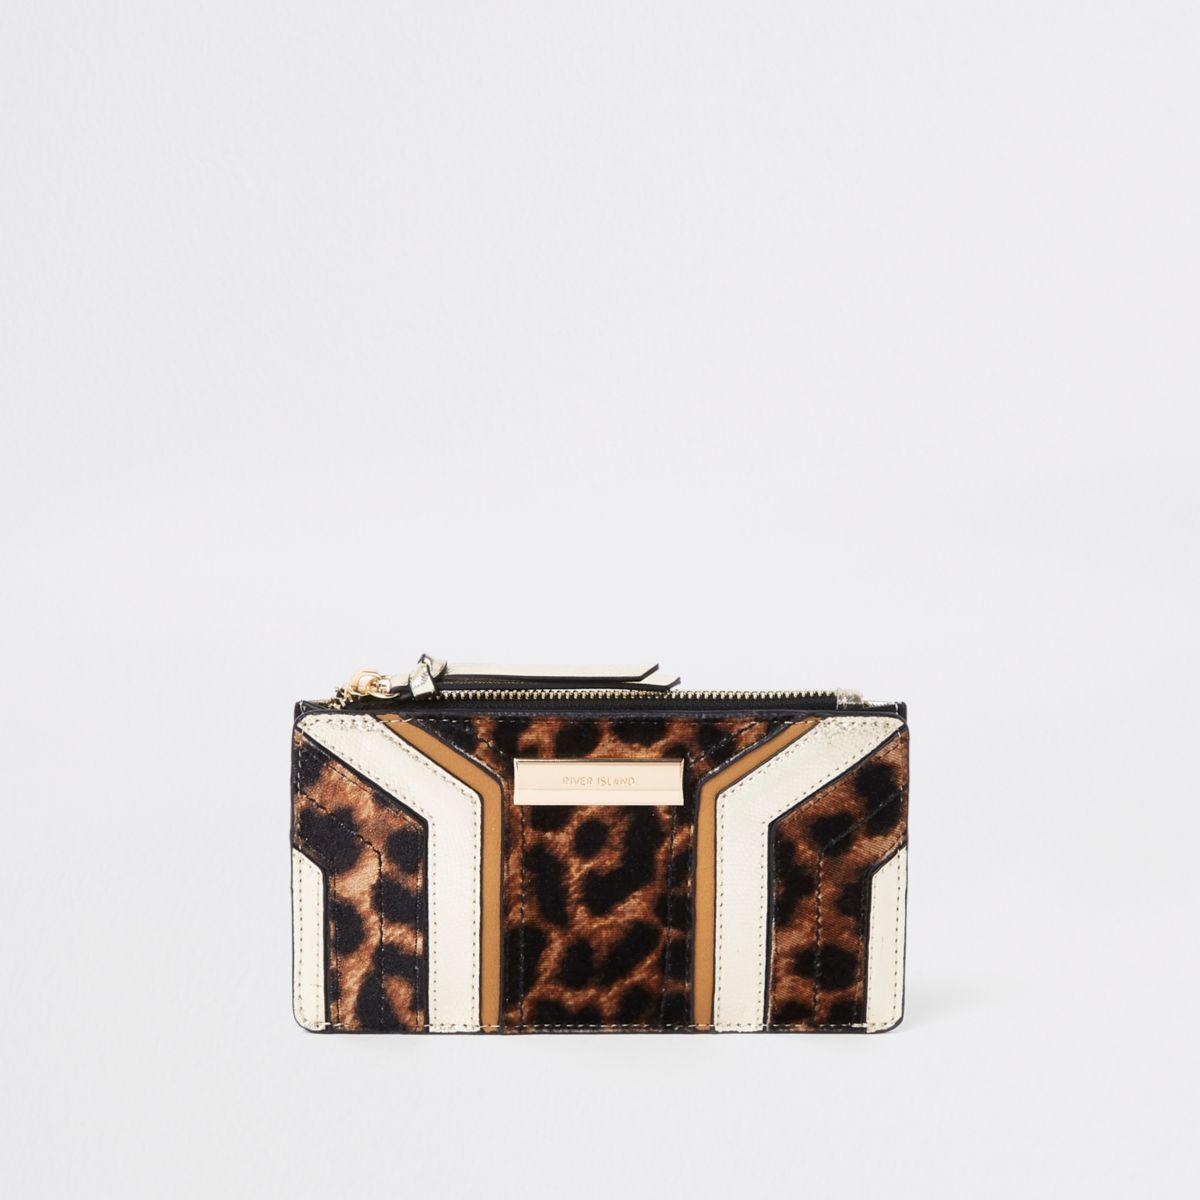 Beige uitvouwbare portemonnee met uitsneden en luipaardprint